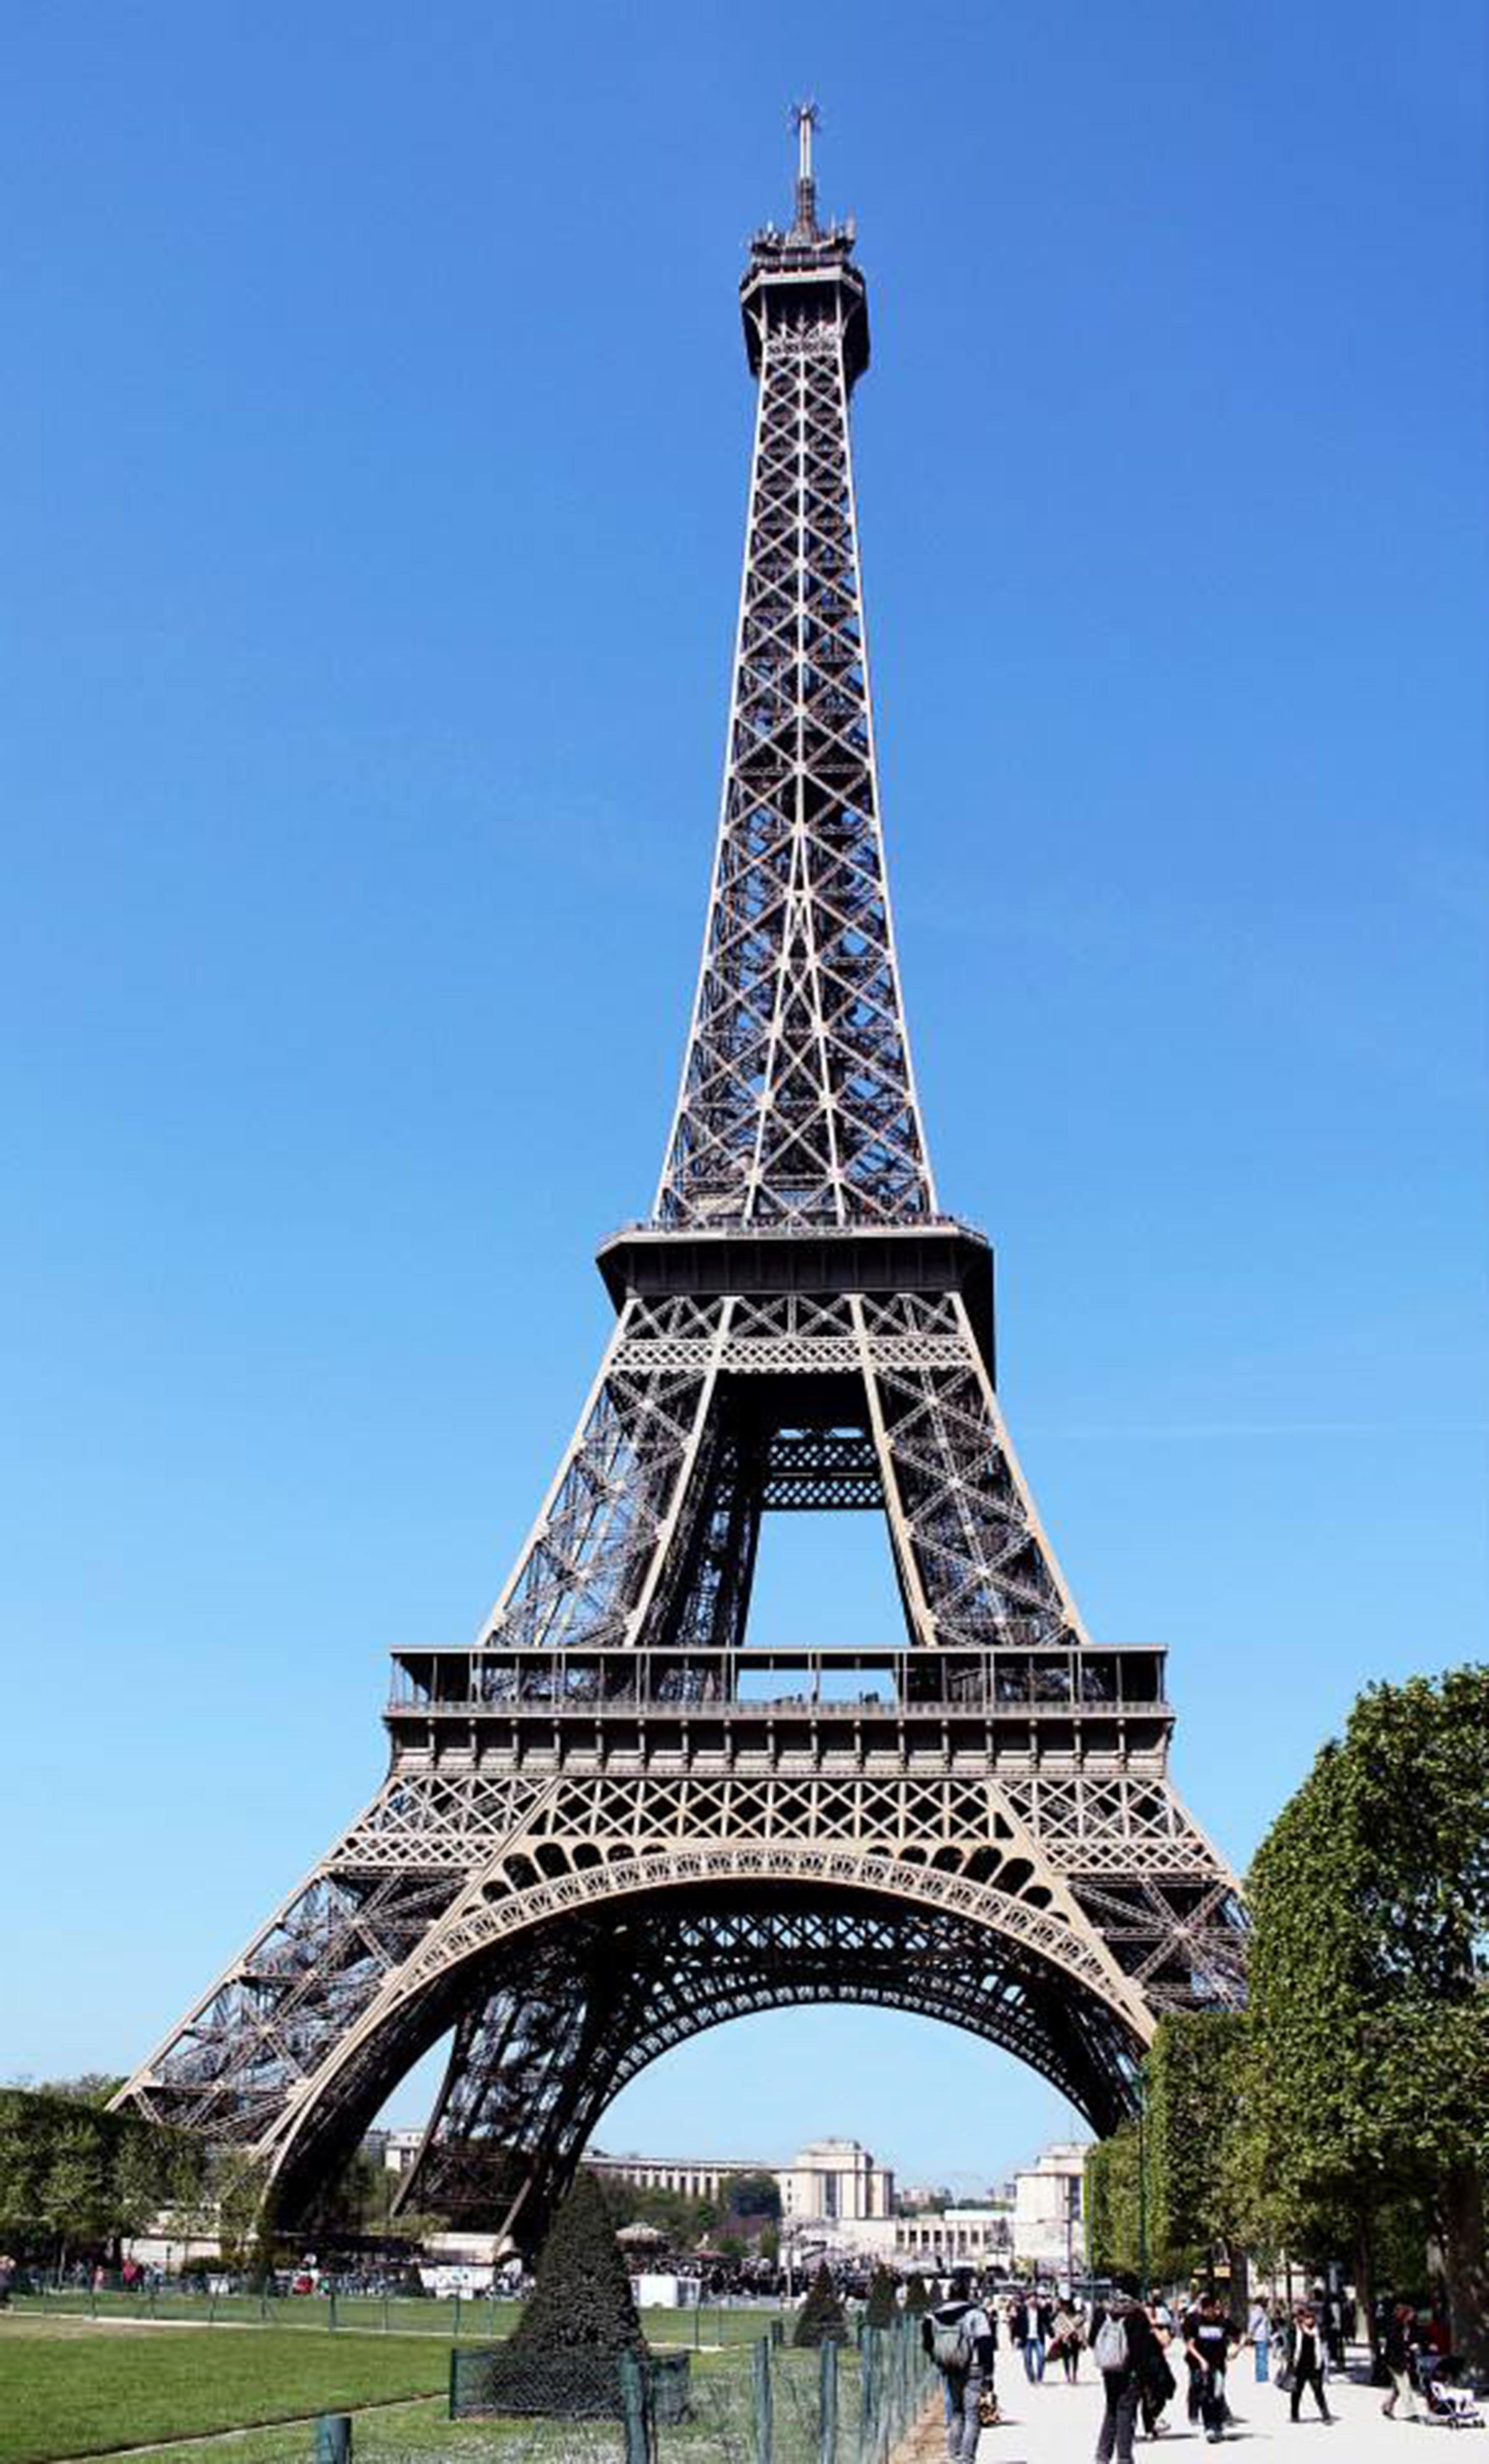 Gambar arsitektur bangunan paris monumen pemandangan kota arsitektur bangunan paris monumen pemandangan kota perancis menara percintaan tengara menara jam menara eiffel liburan puncak altavistaventures Gallery